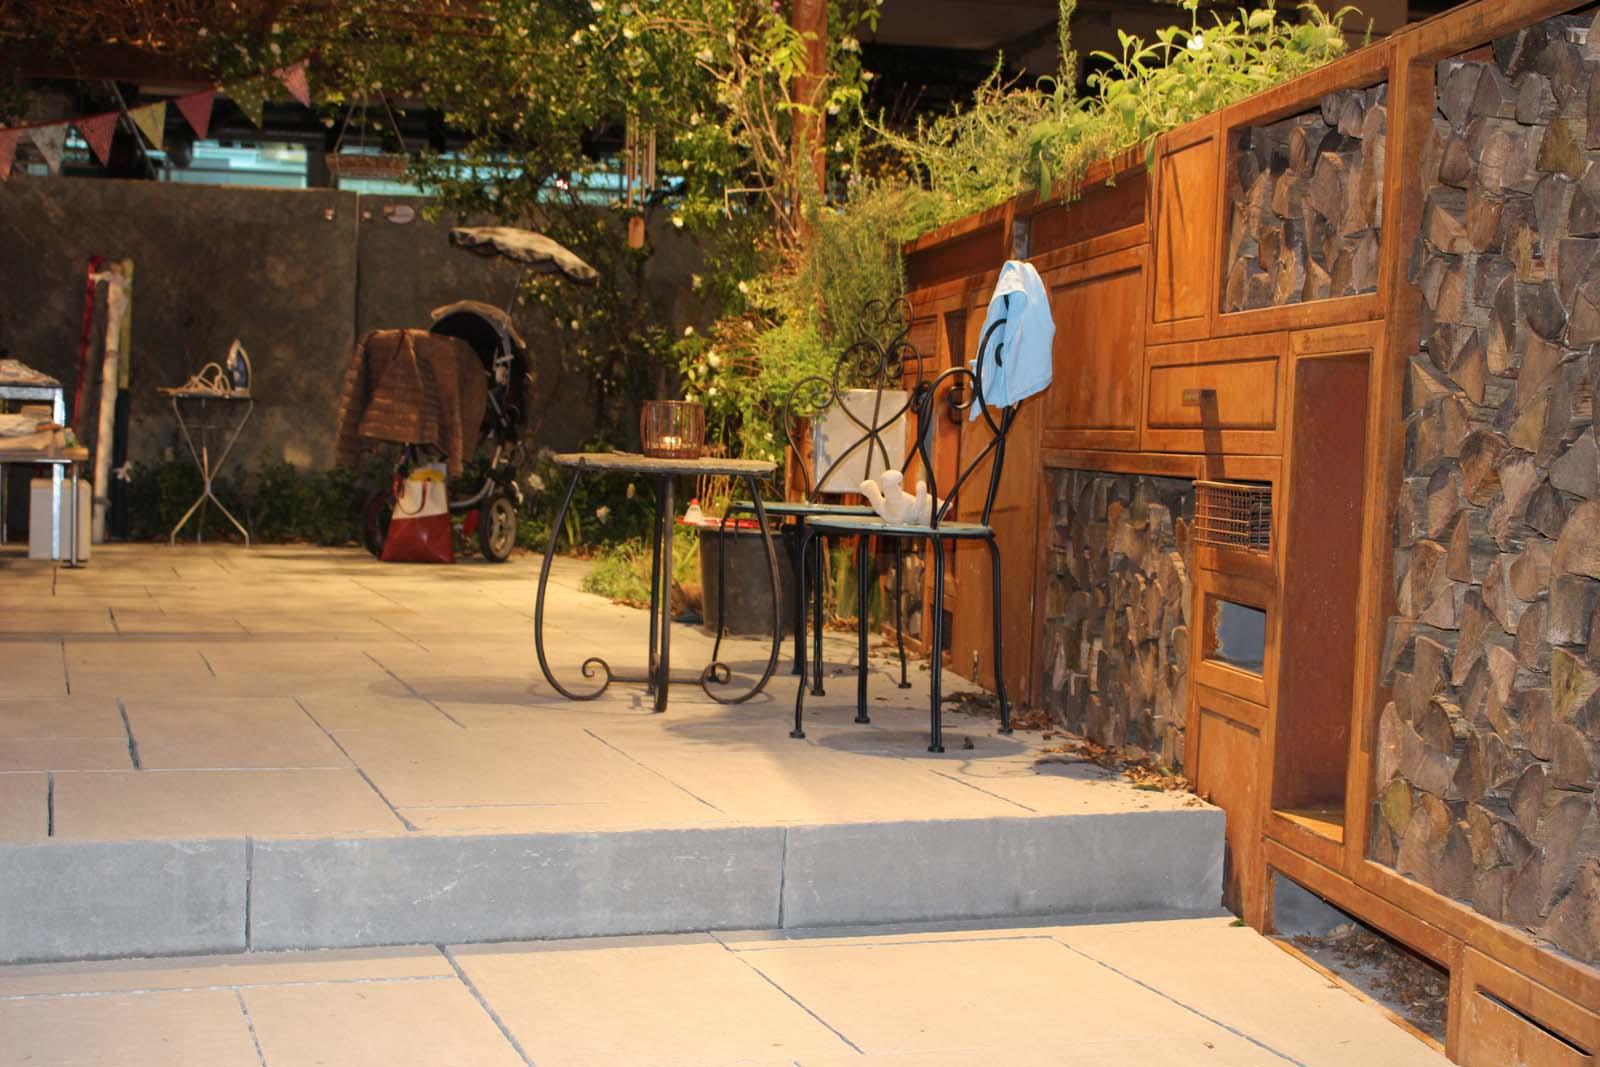 img 0975 1 bachofer ag. Black Bedroom Furniture Sets. Home Design Ideas